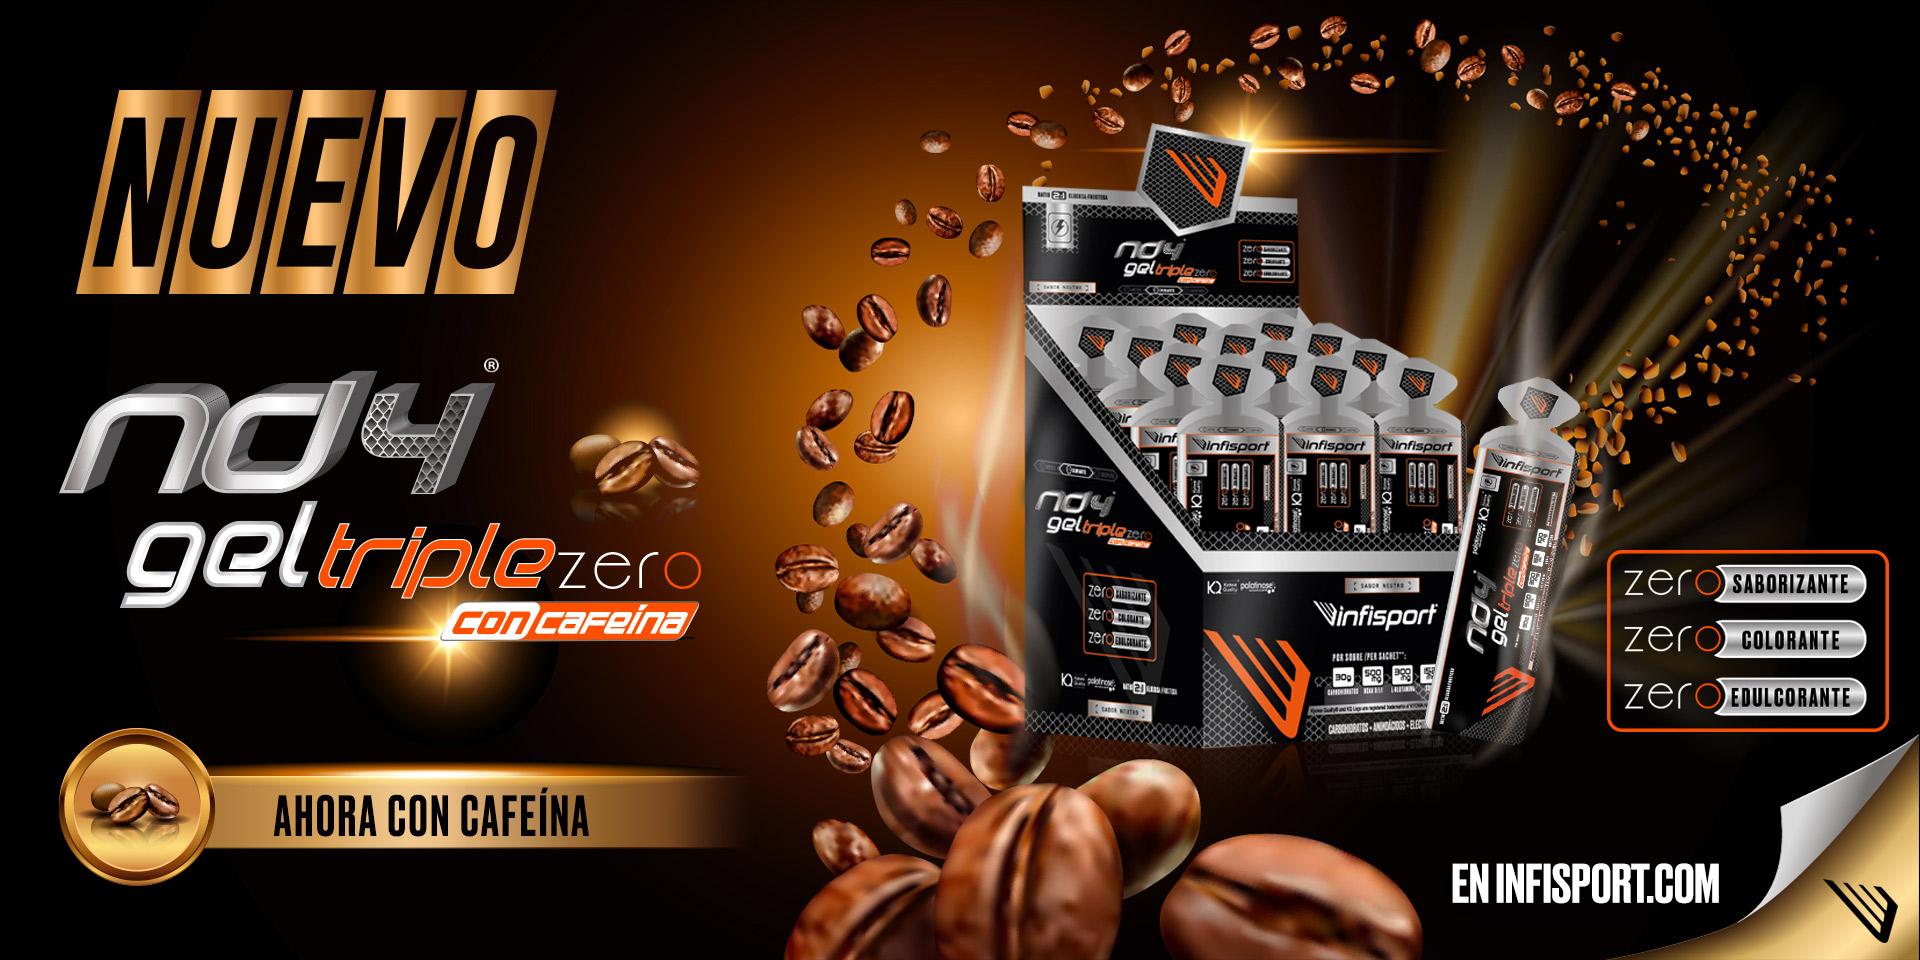 infisport-productos-nd4-gel-triple-zero-con-cafeina